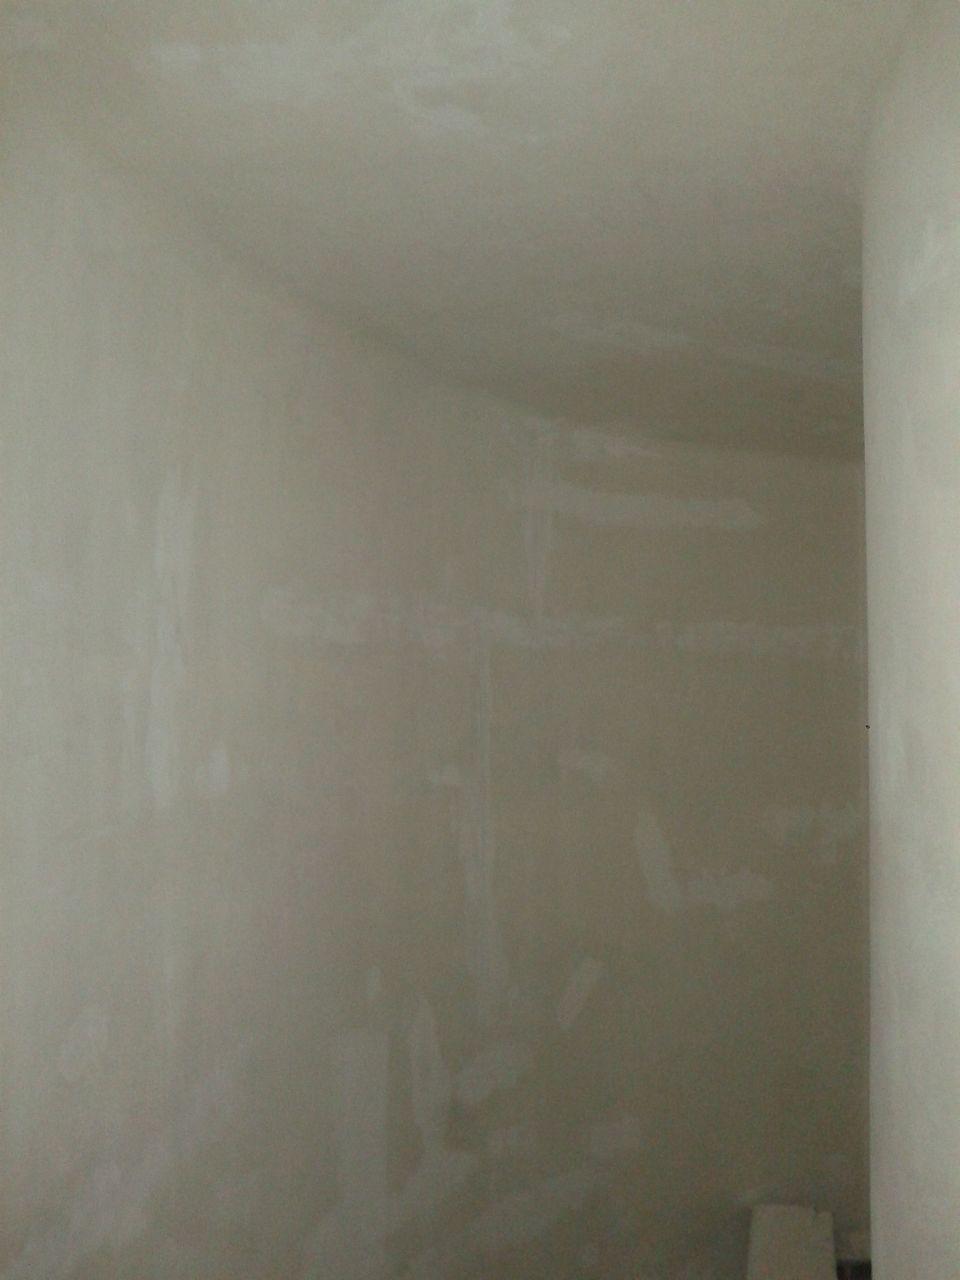 cage d'escalier nue , papier mâché enlevé fissures rebouchées